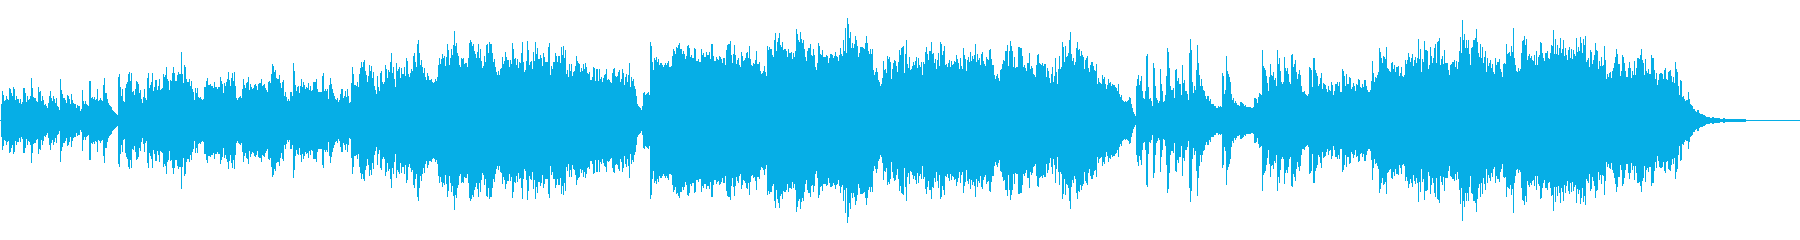 【生演奏】放課後のような懐かしいBGMの再生済みの波形